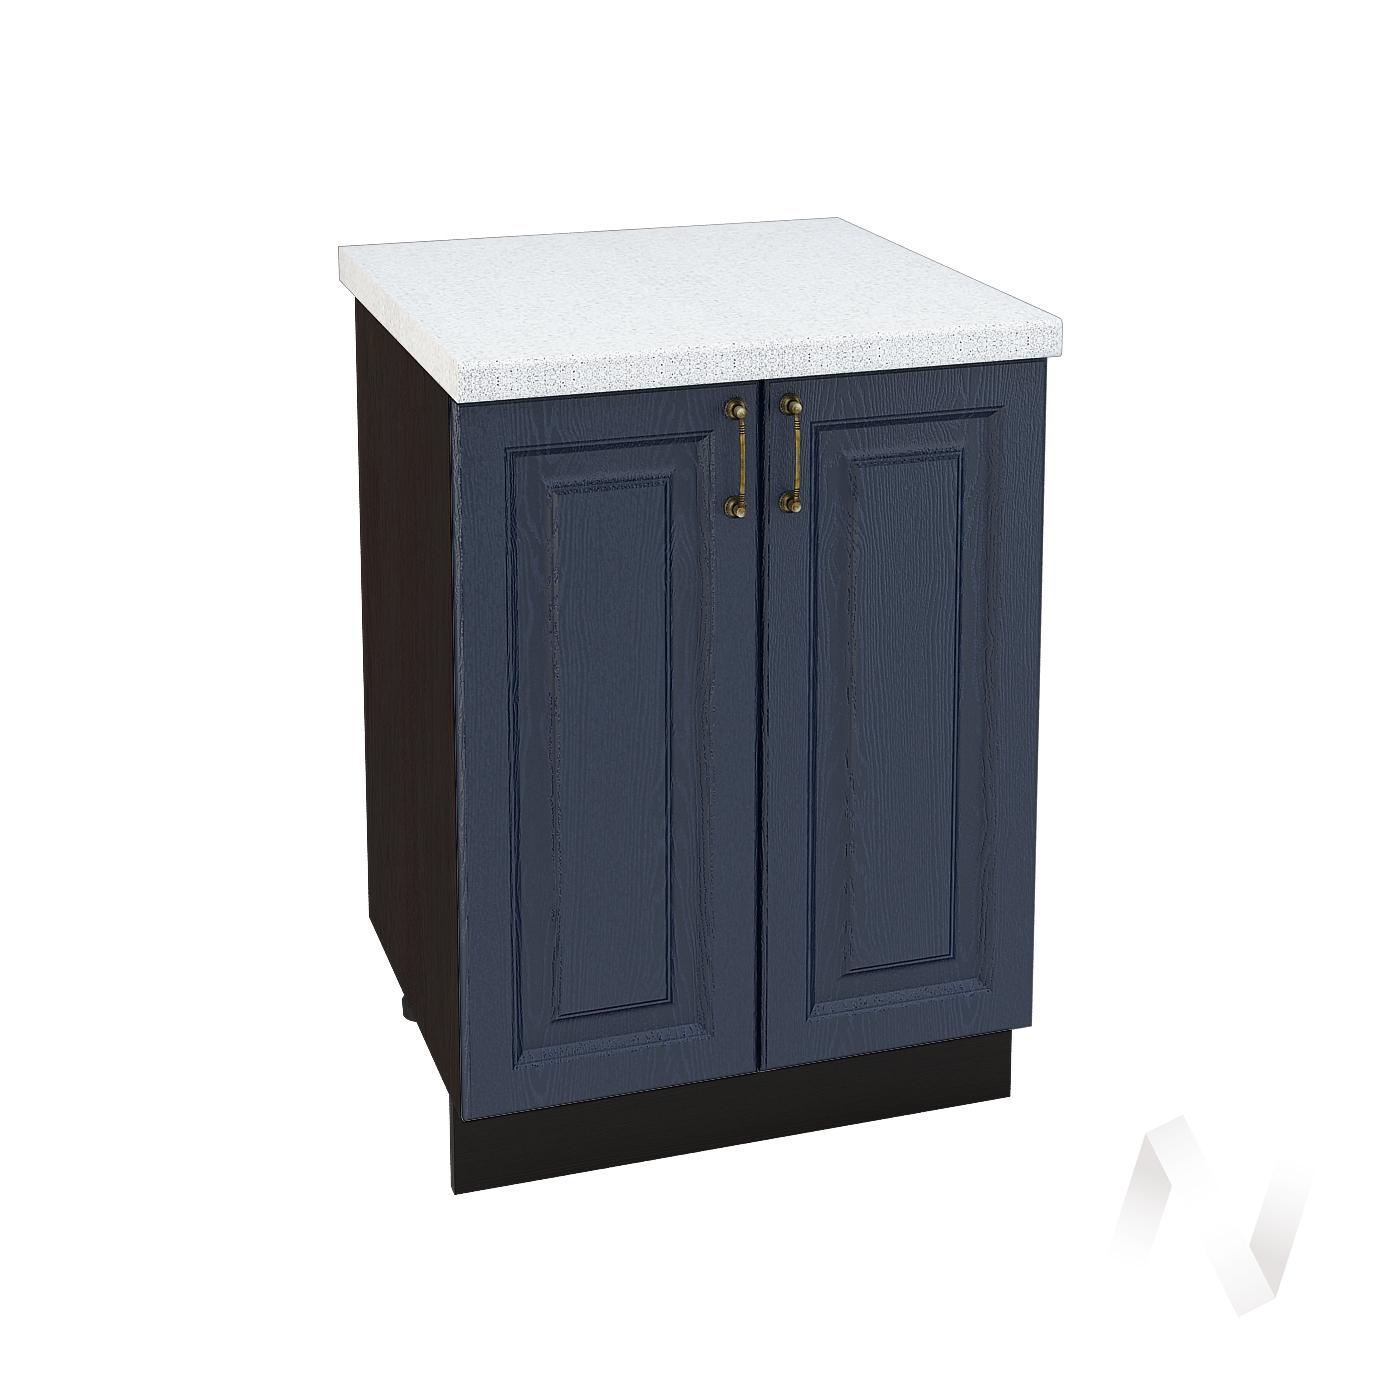 """Кухня """"Ницца"""": Шкаф нижний 600, ШН 600 новый (Дуб чернильный/корпус венге)"""